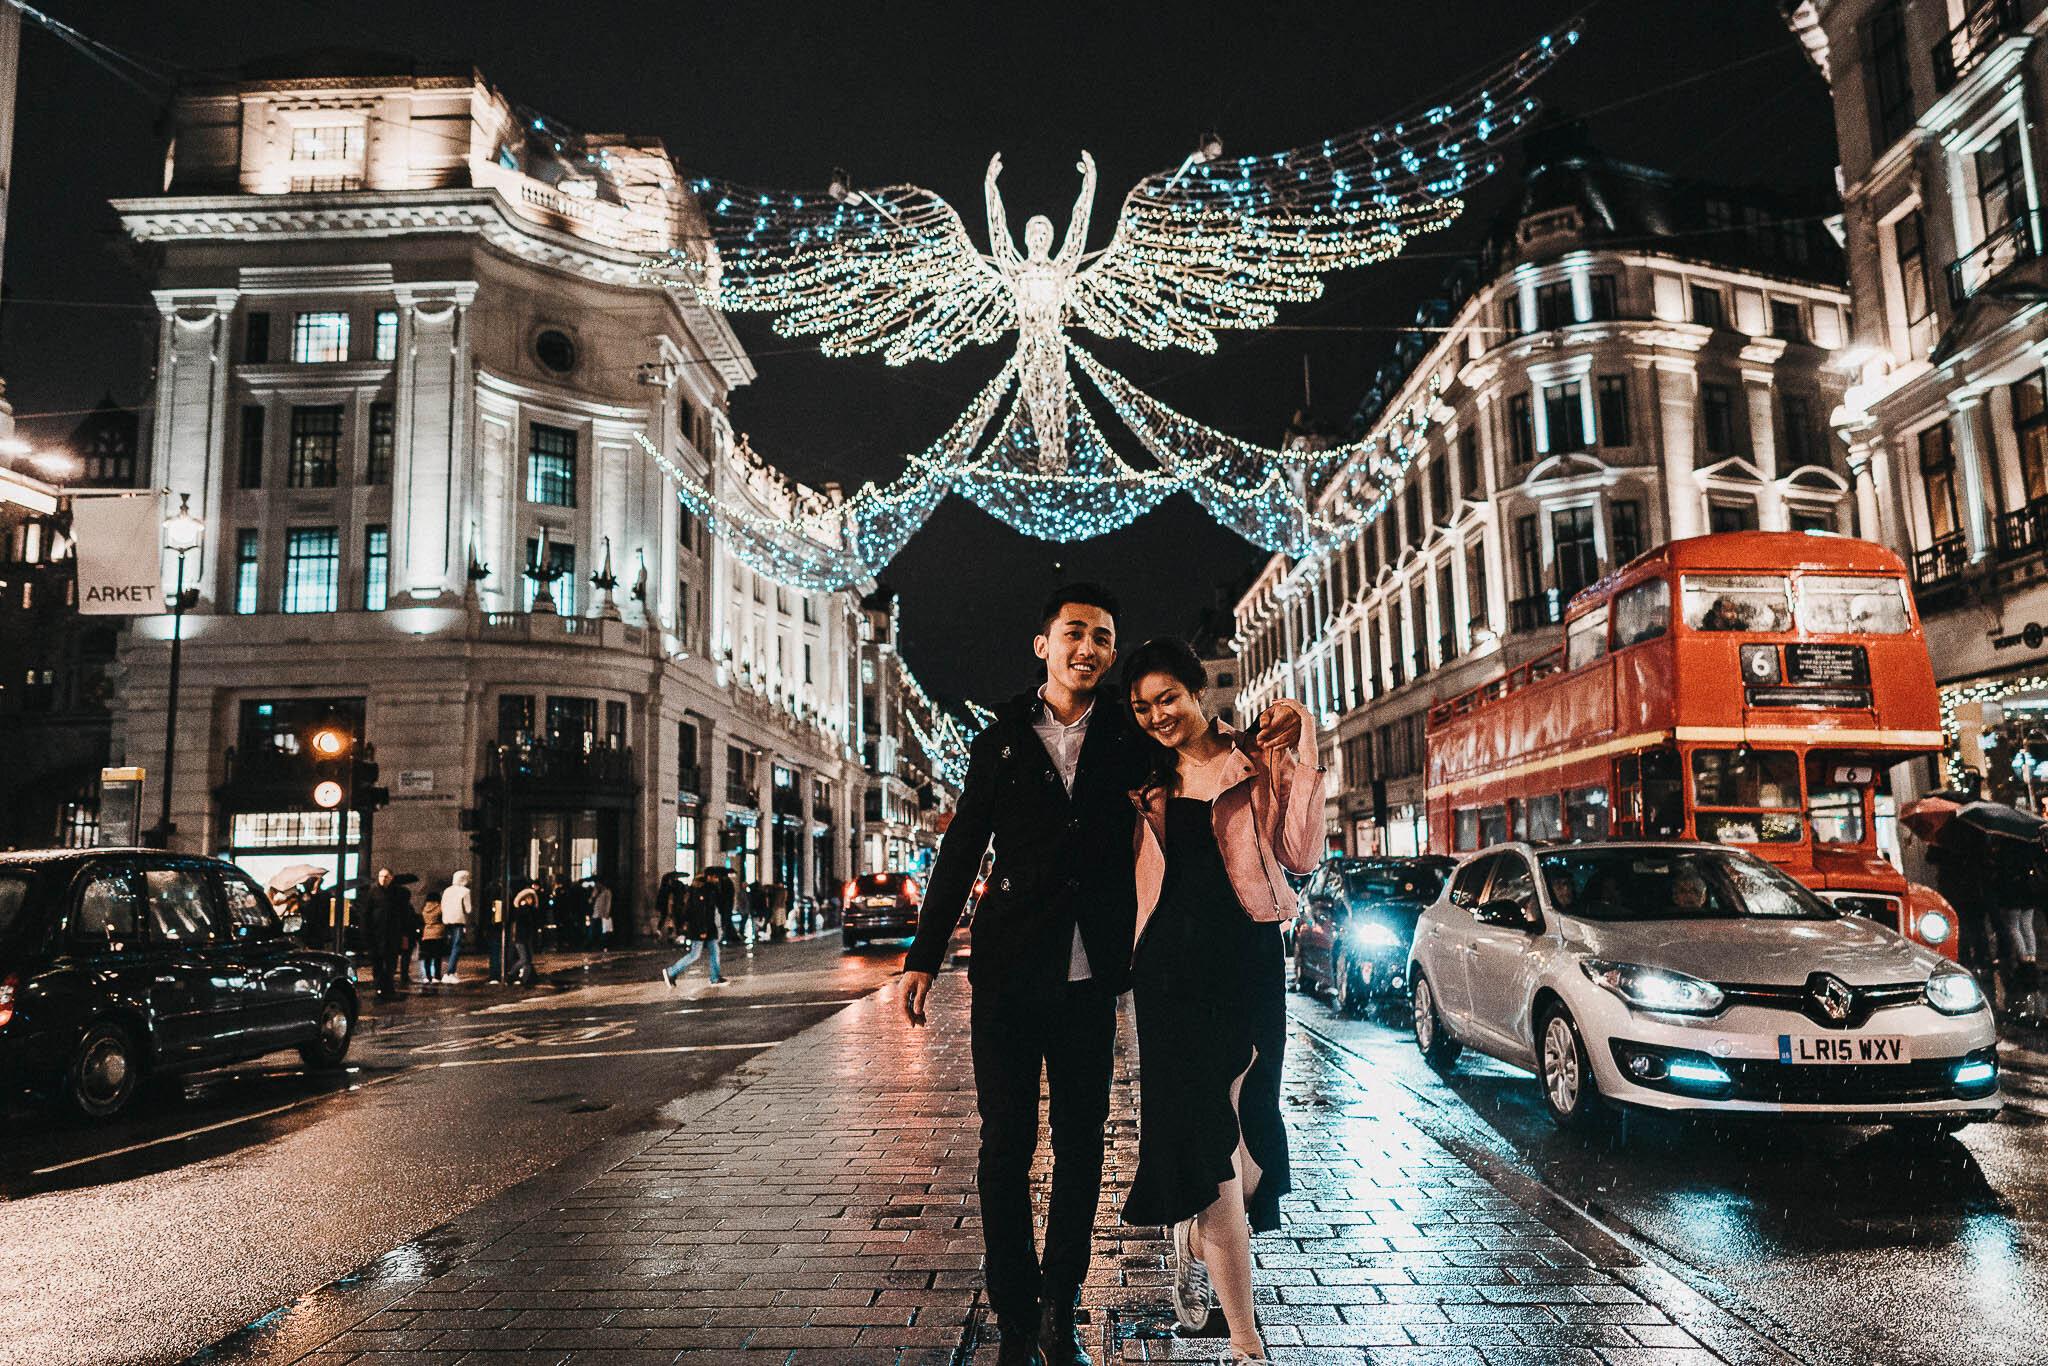 couple-photoshoot-on-regent-street-in-london